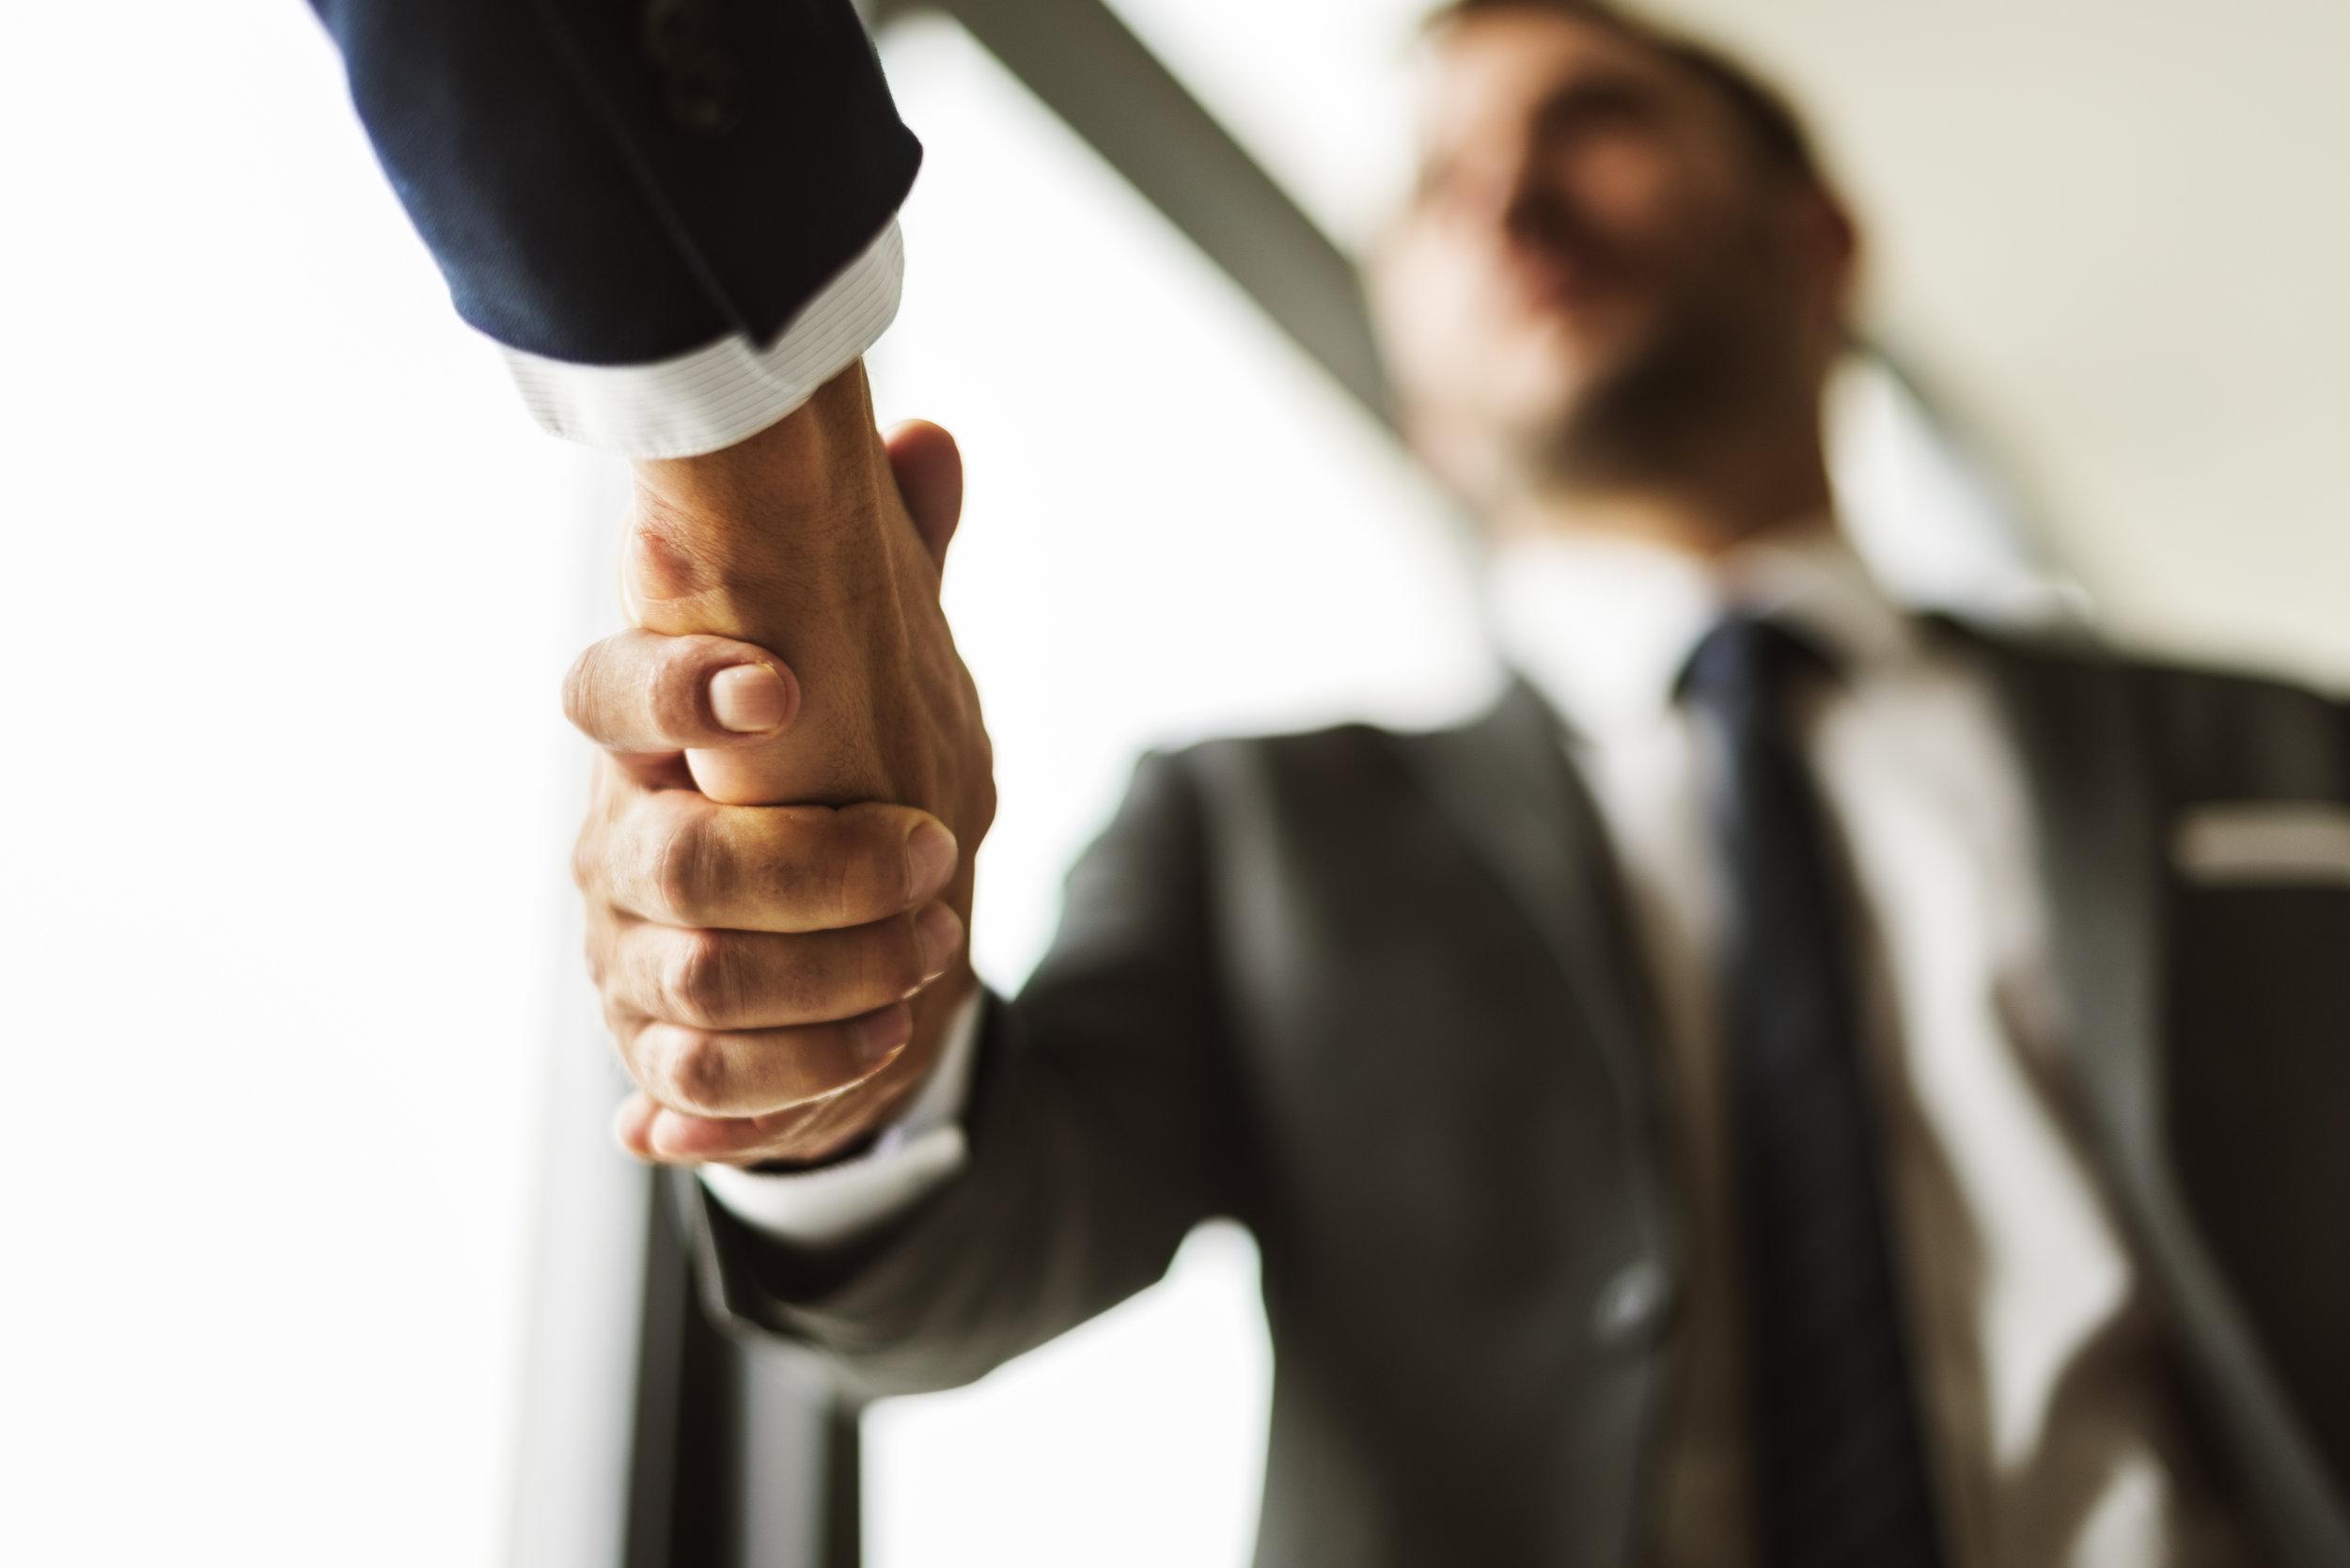 deal-businessmen-handshake-partnership-concept-PF3GLKS (1).jpg